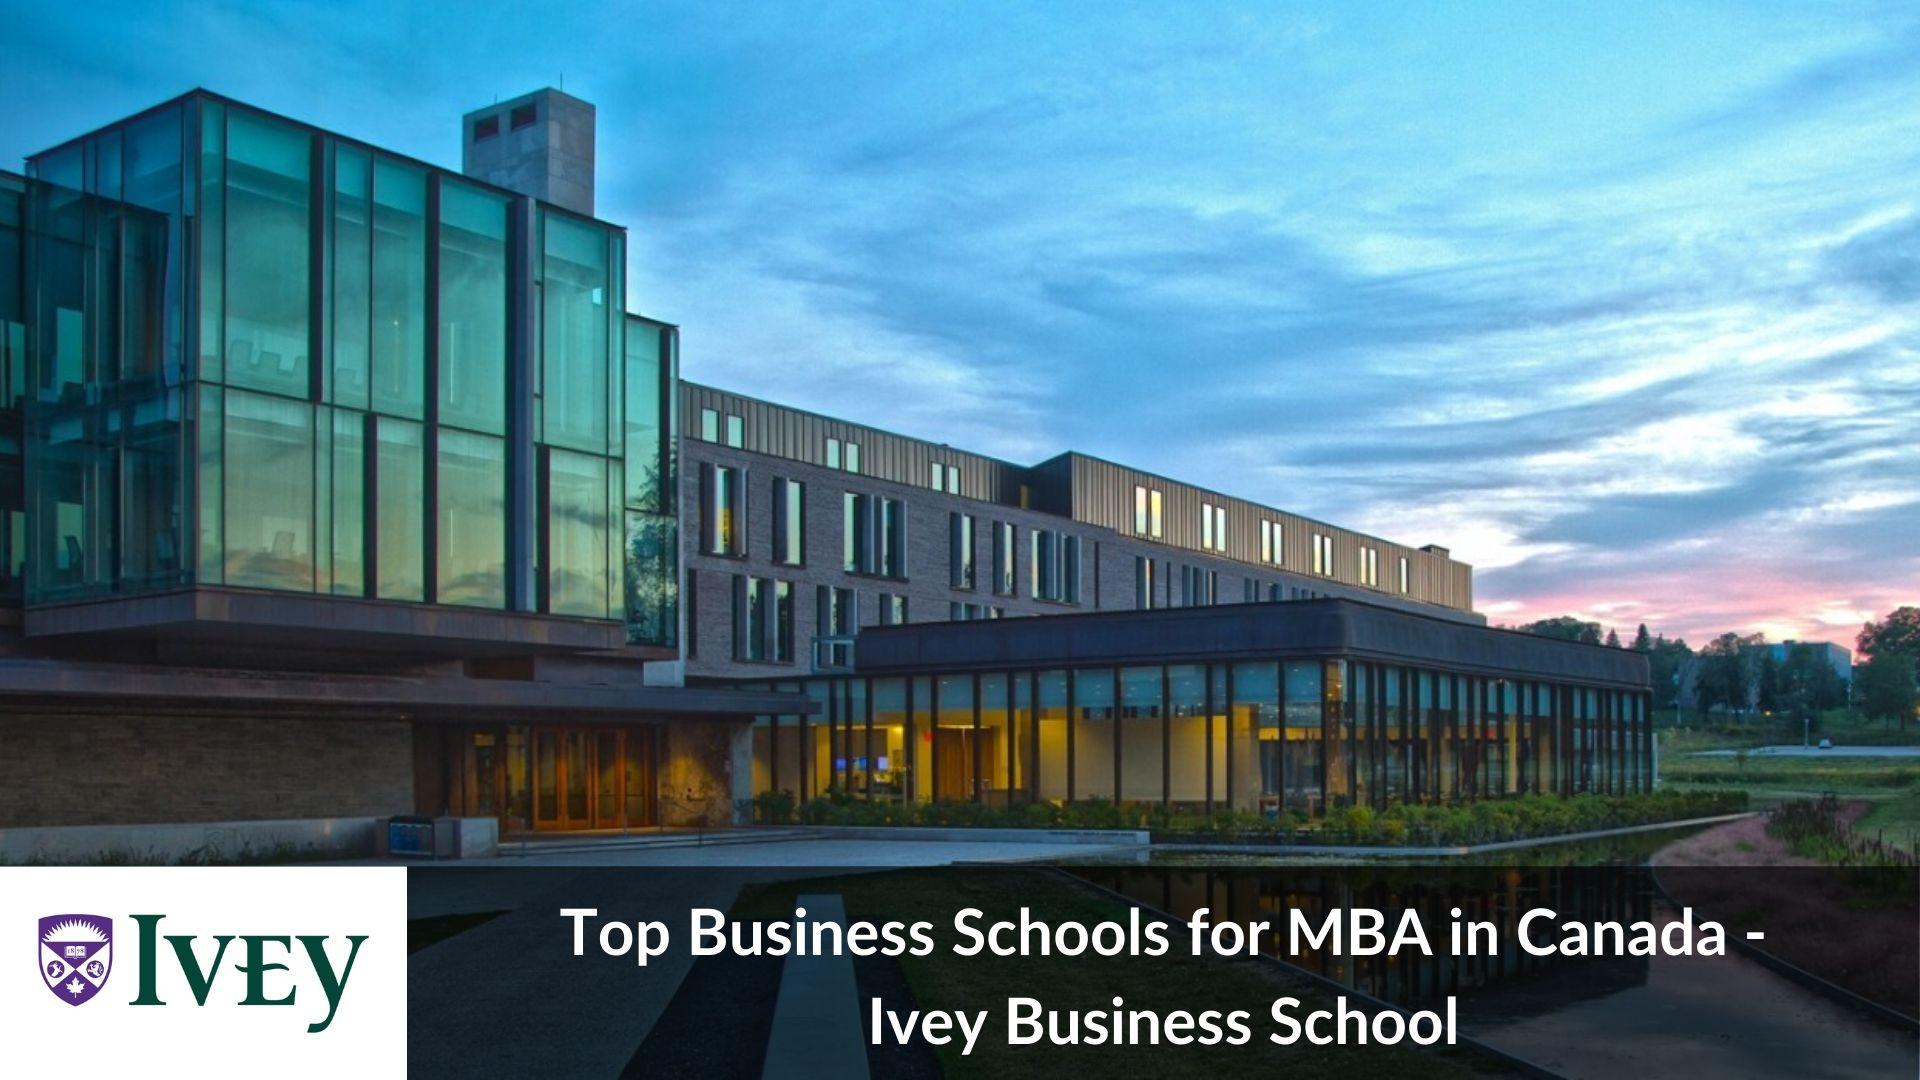 Top MBA universities in Canada - Ivey Business School